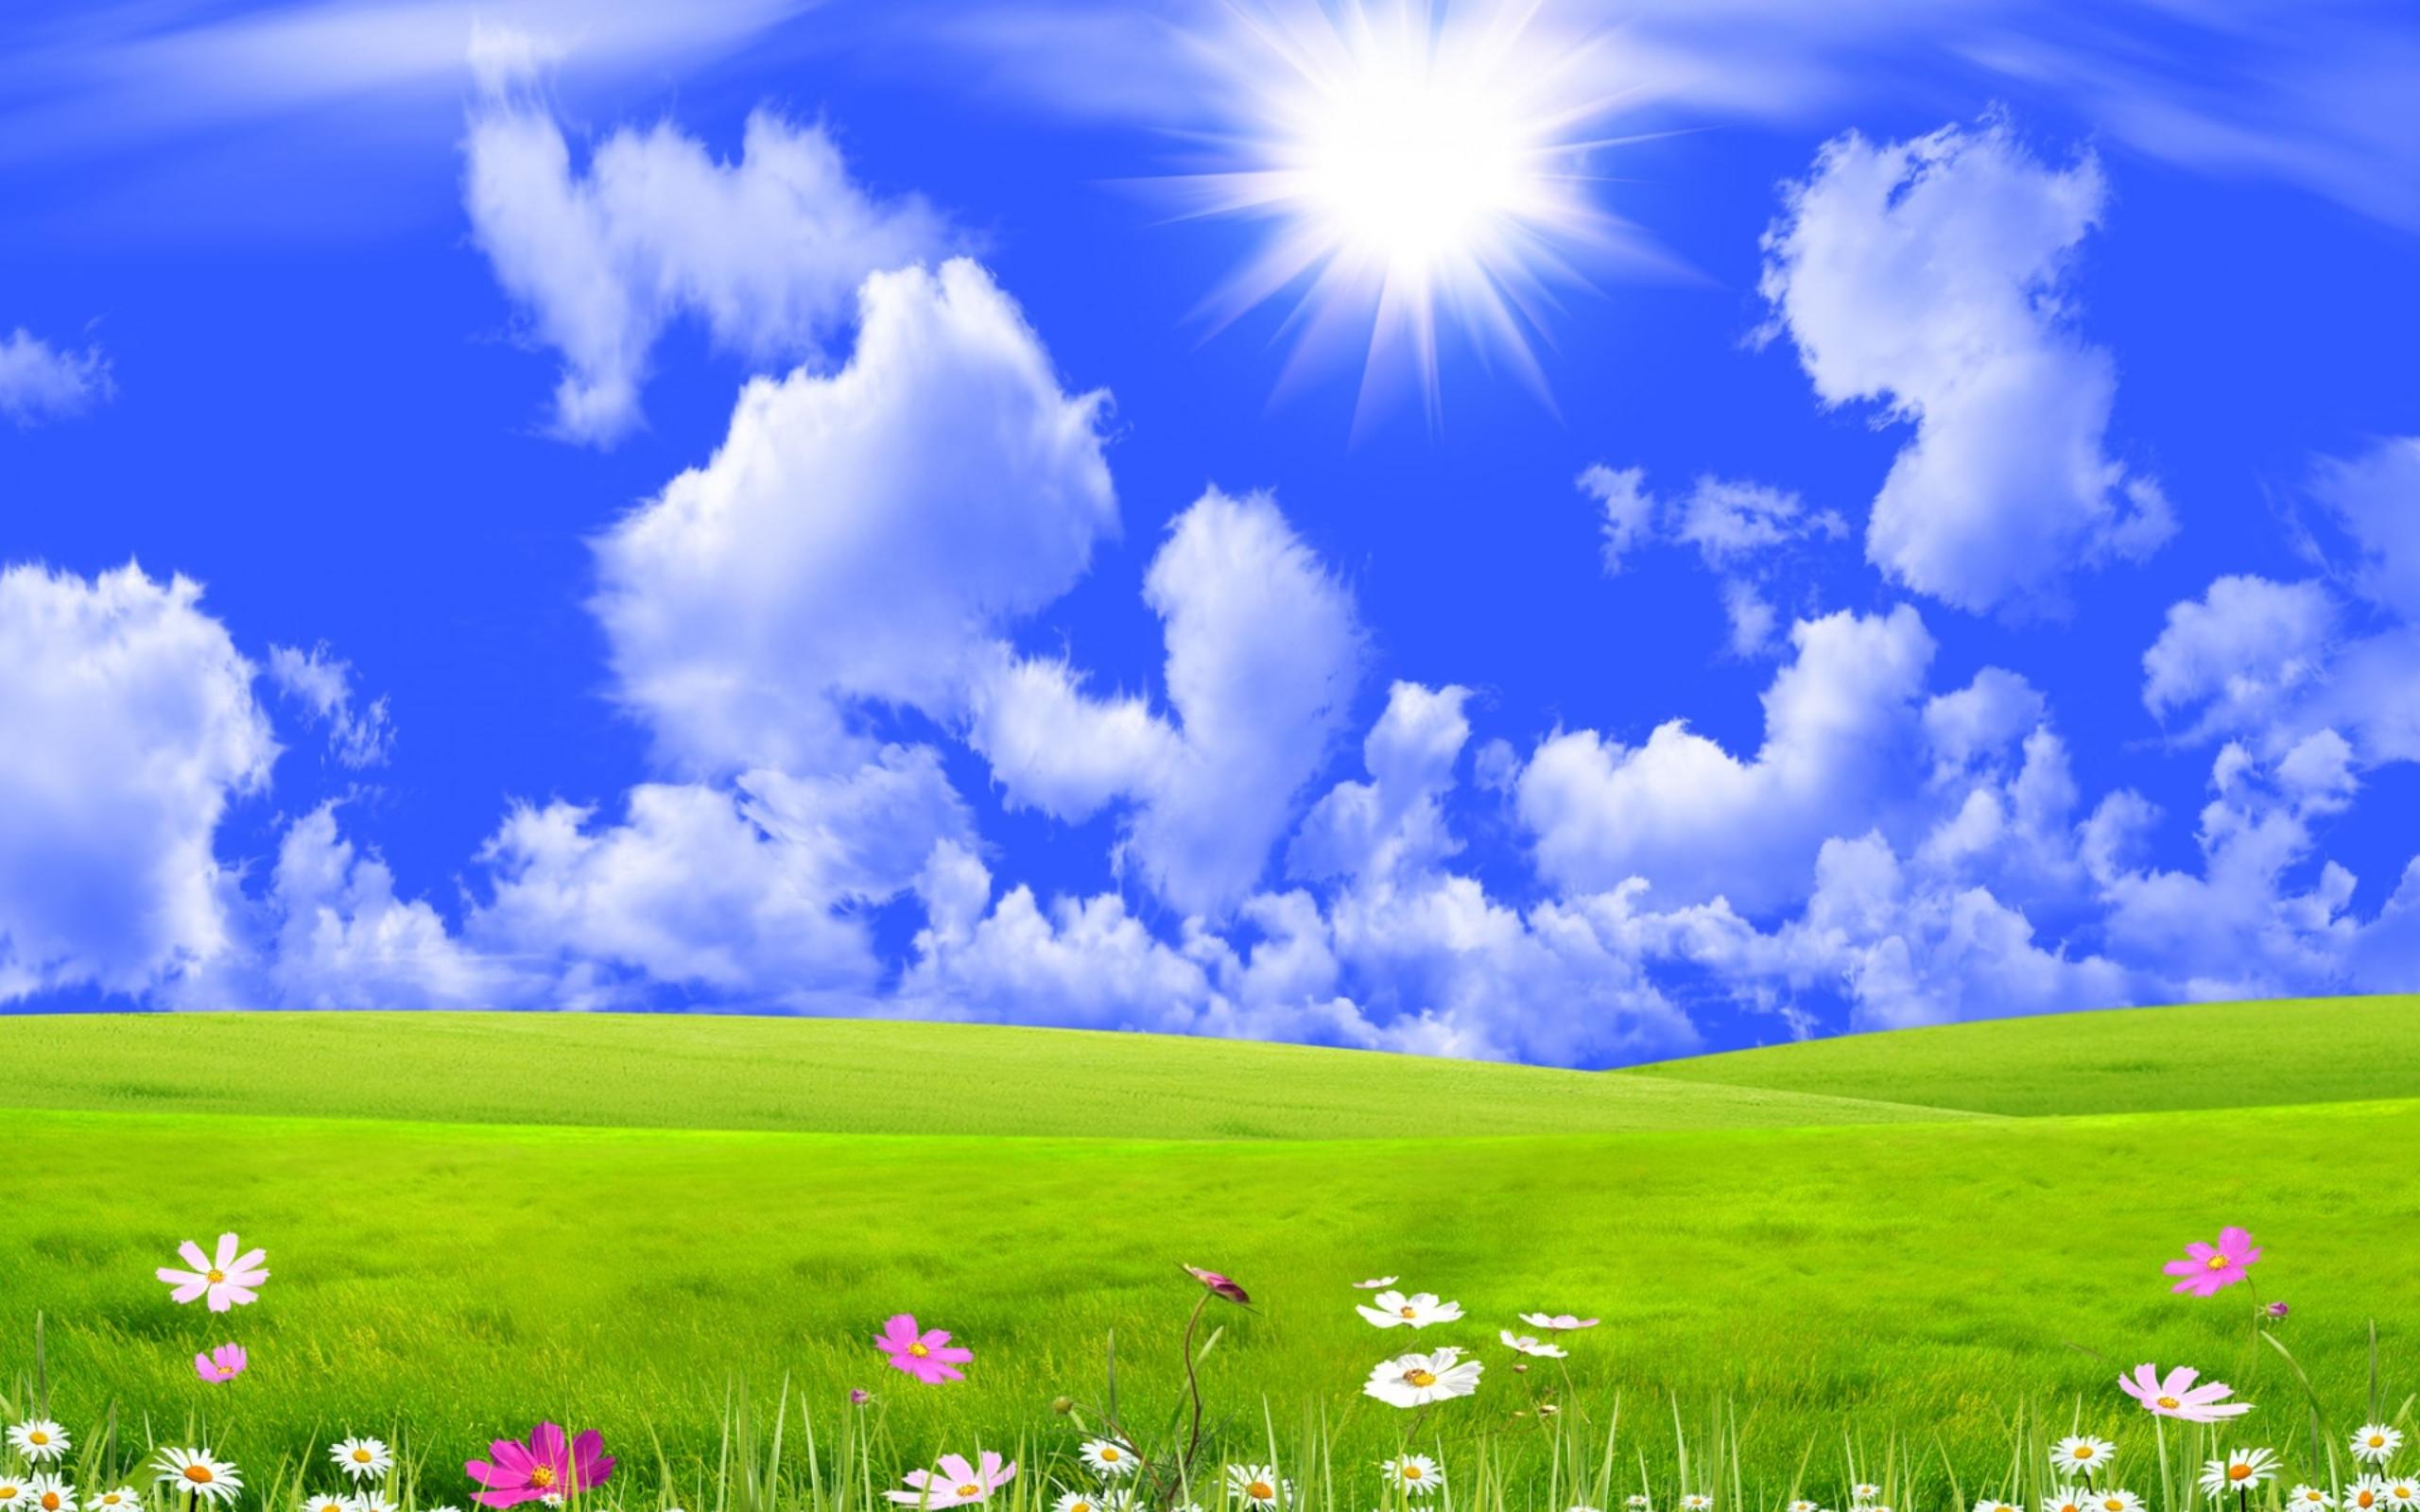 лето поле луг трава цветы зелень деревья березы солнце HD обои для ... | 1600x2560